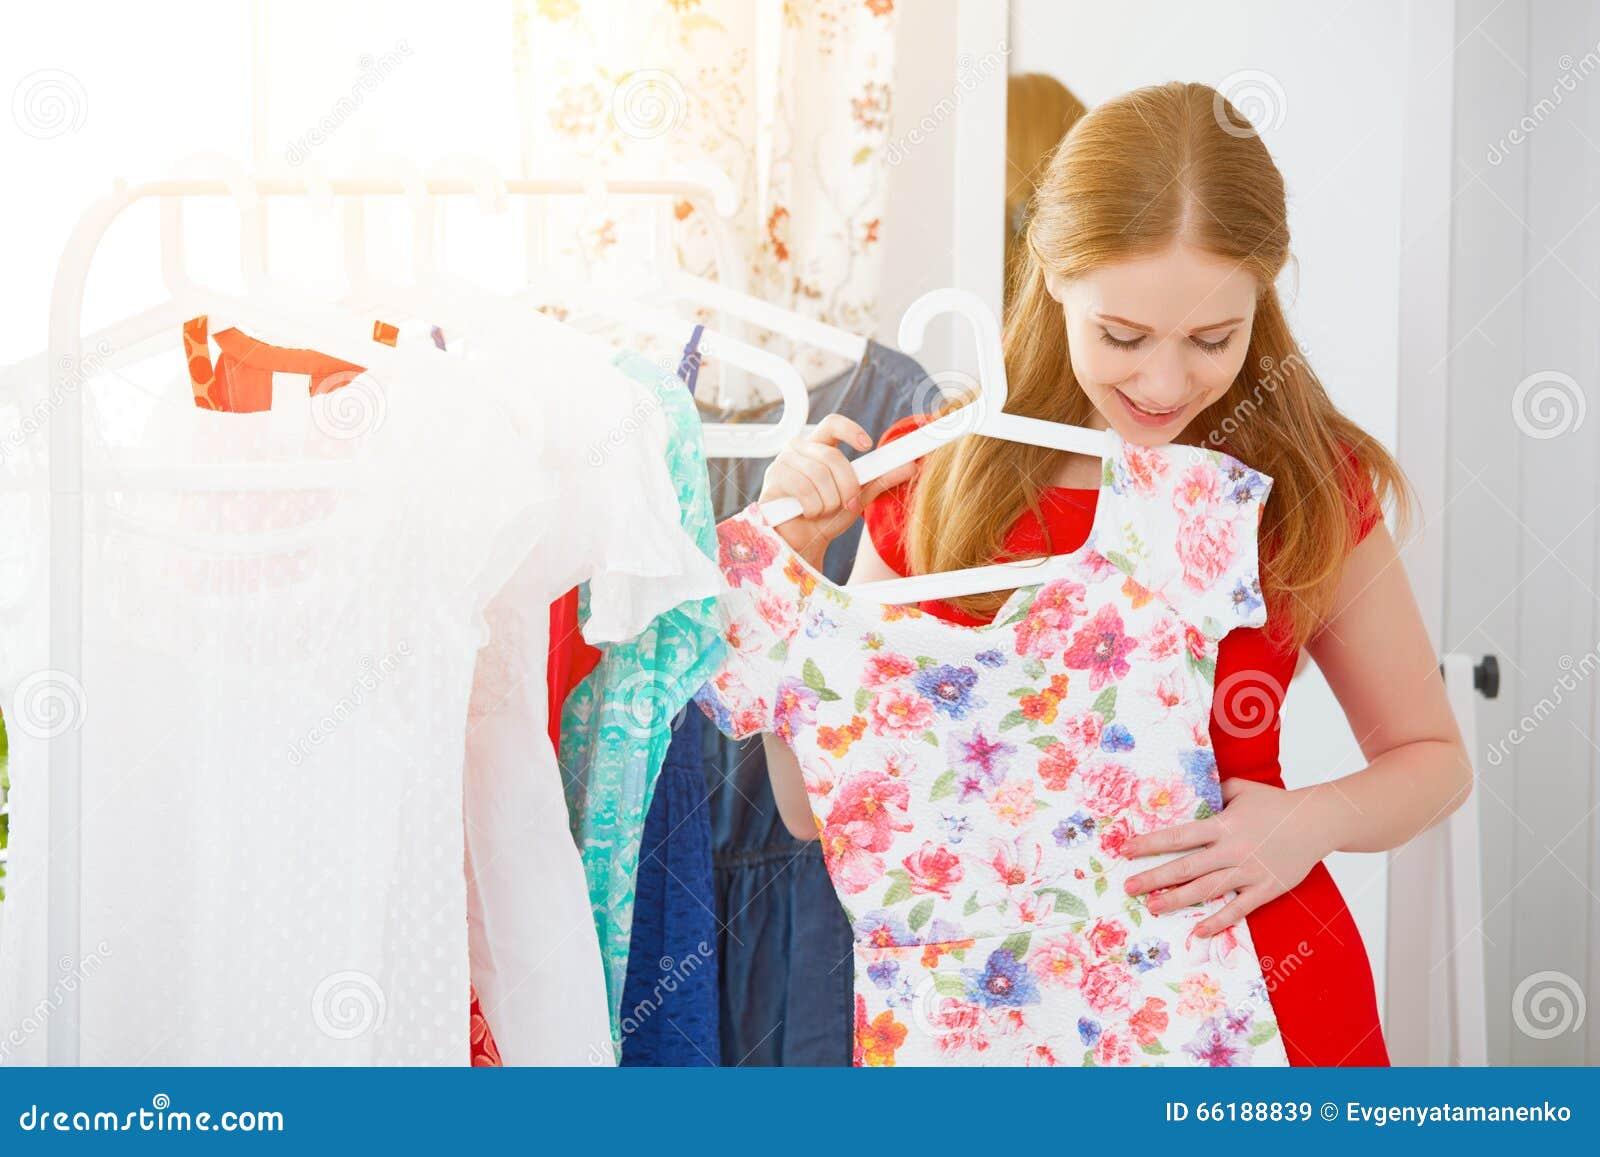 Η γυναίκα σε ένα κόκκινο φόρεμα κοιτάζει στον καθρέφτη και επιλέγει τα ενδύματα